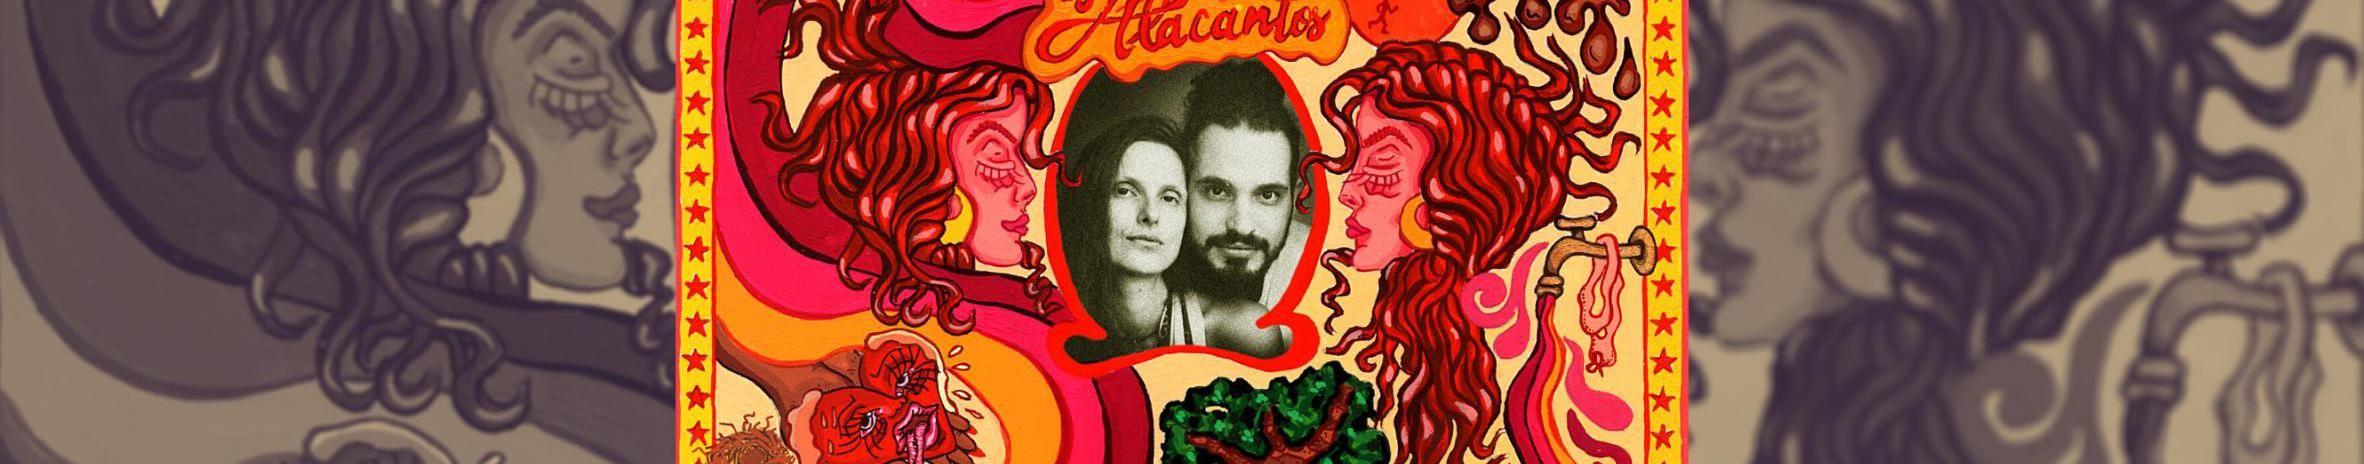 Imagem de capa de Os Alacantos